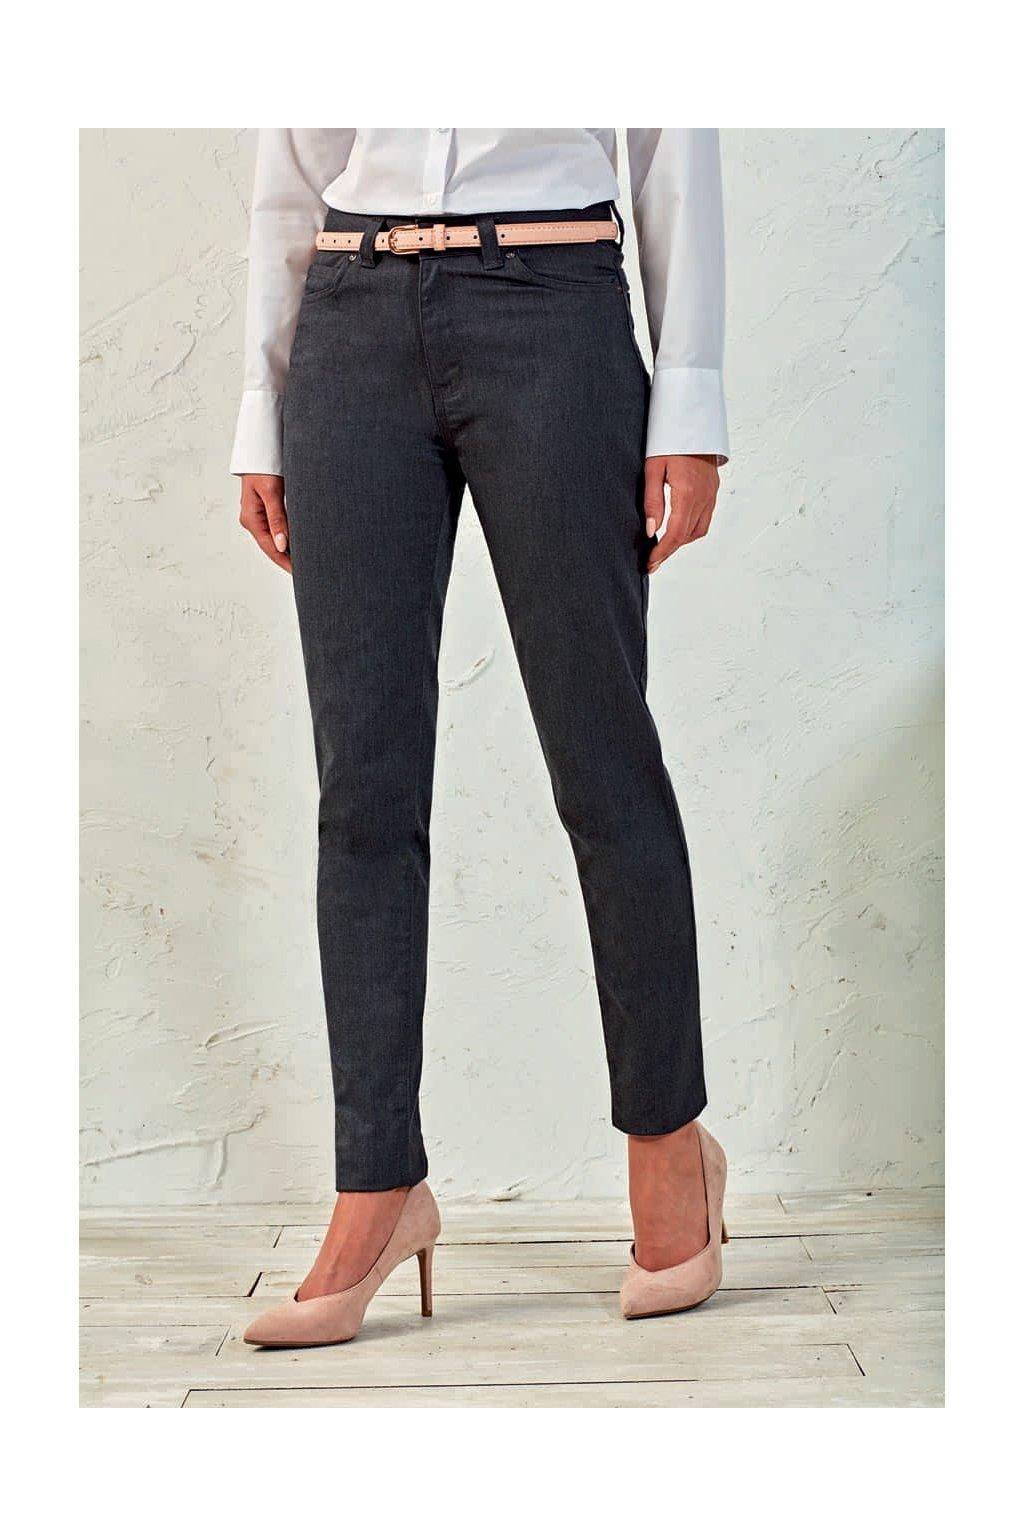 Dámské úzké kalhoty Premier